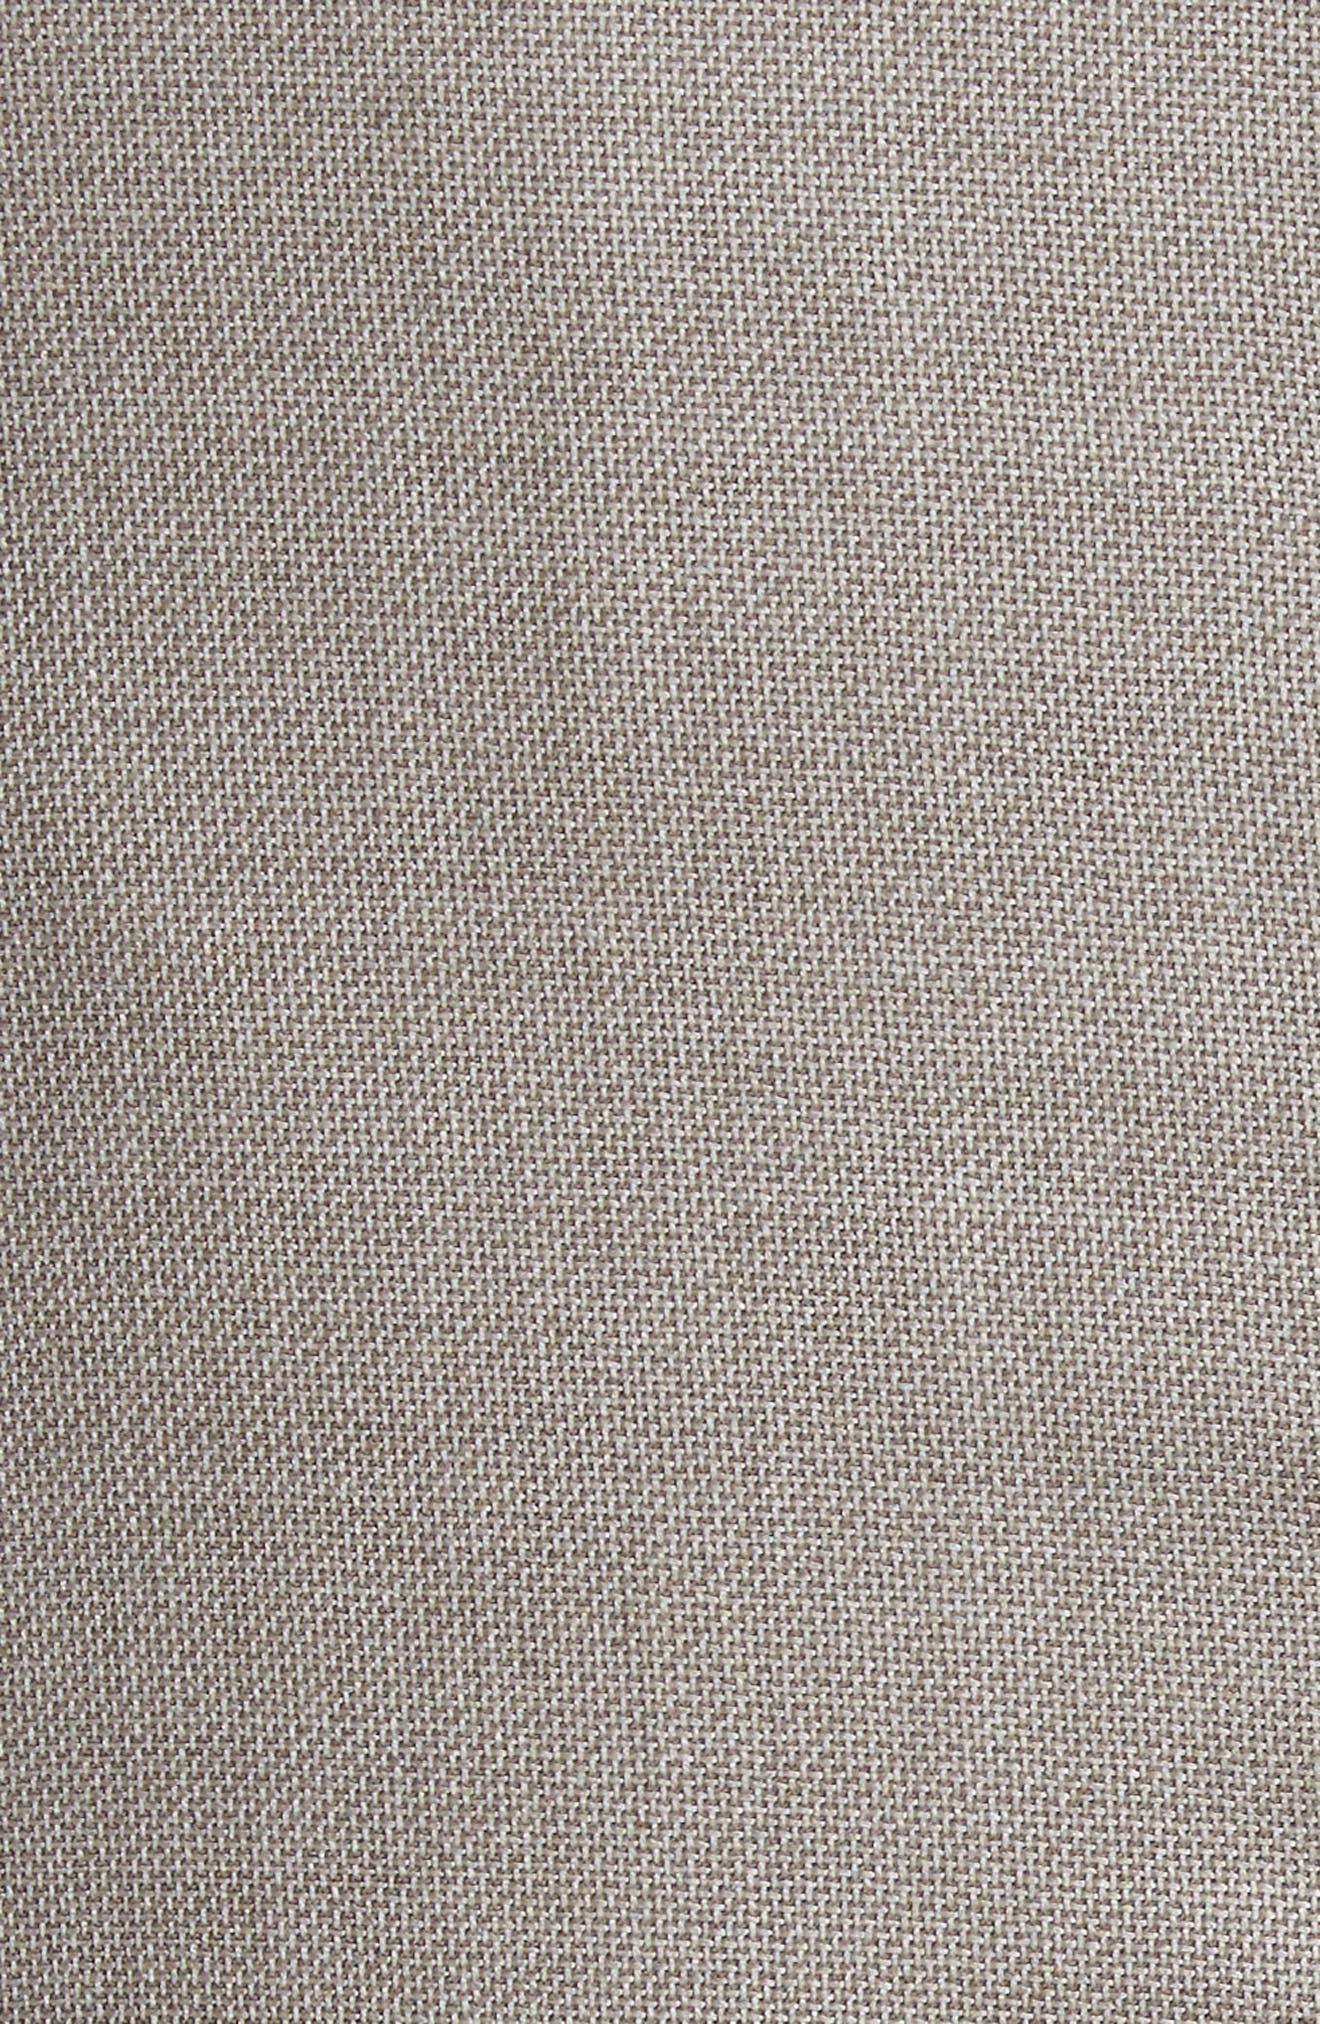 Trim Fit Cashmere & Silk Blazer,                             Alternate thumbnail 22, color,